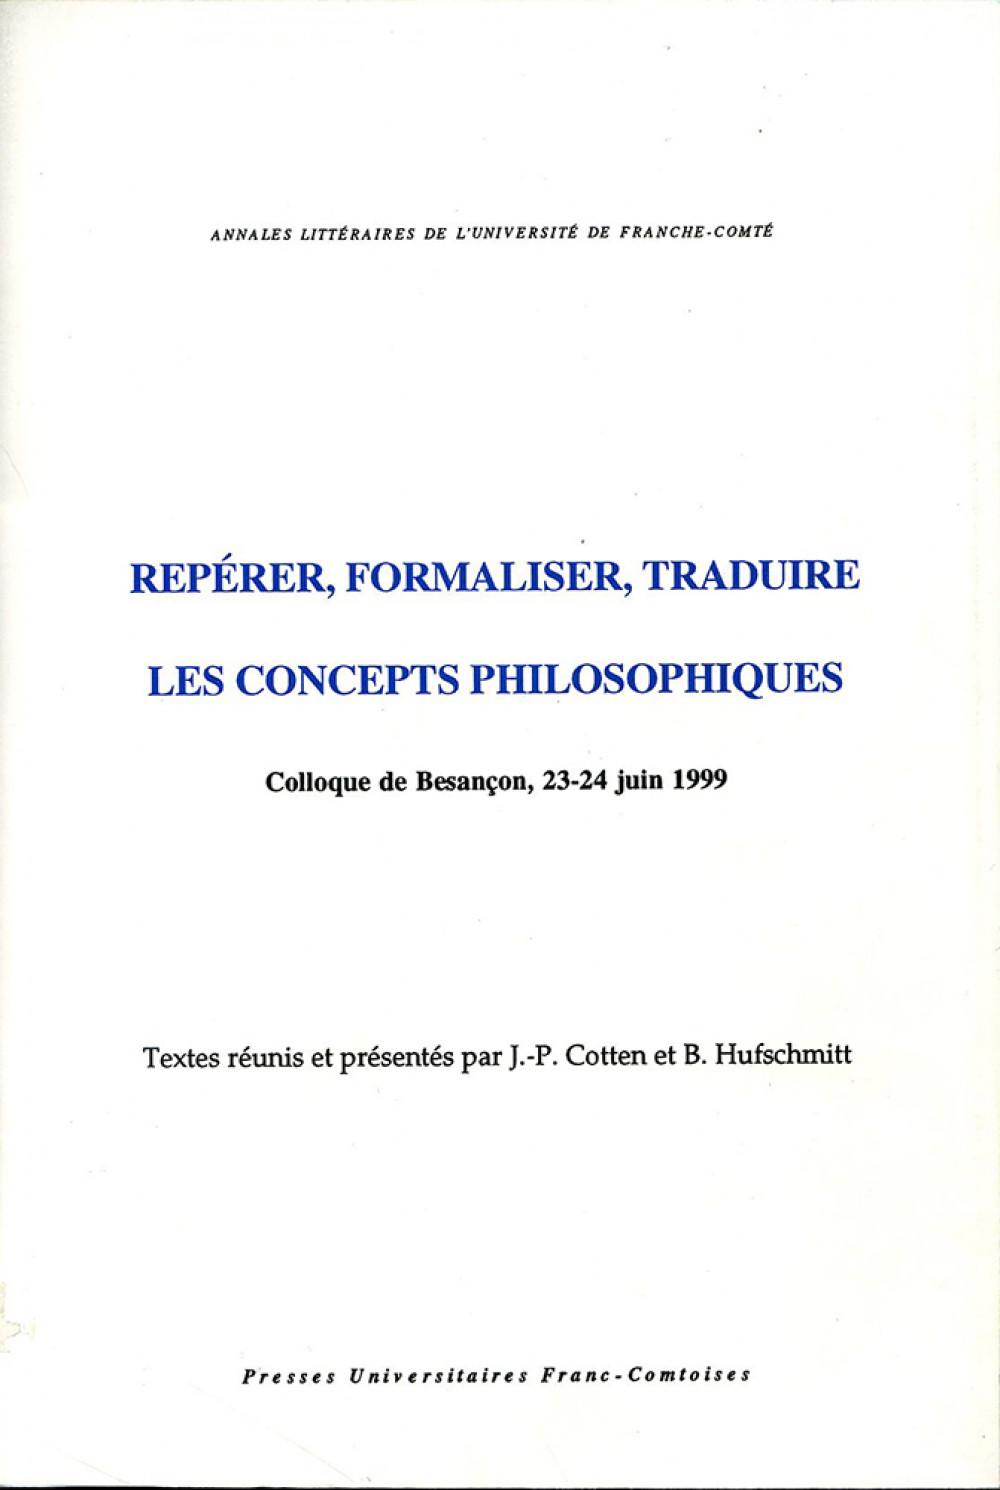 Repérer, formaliser, traduire les concepts philosophiques